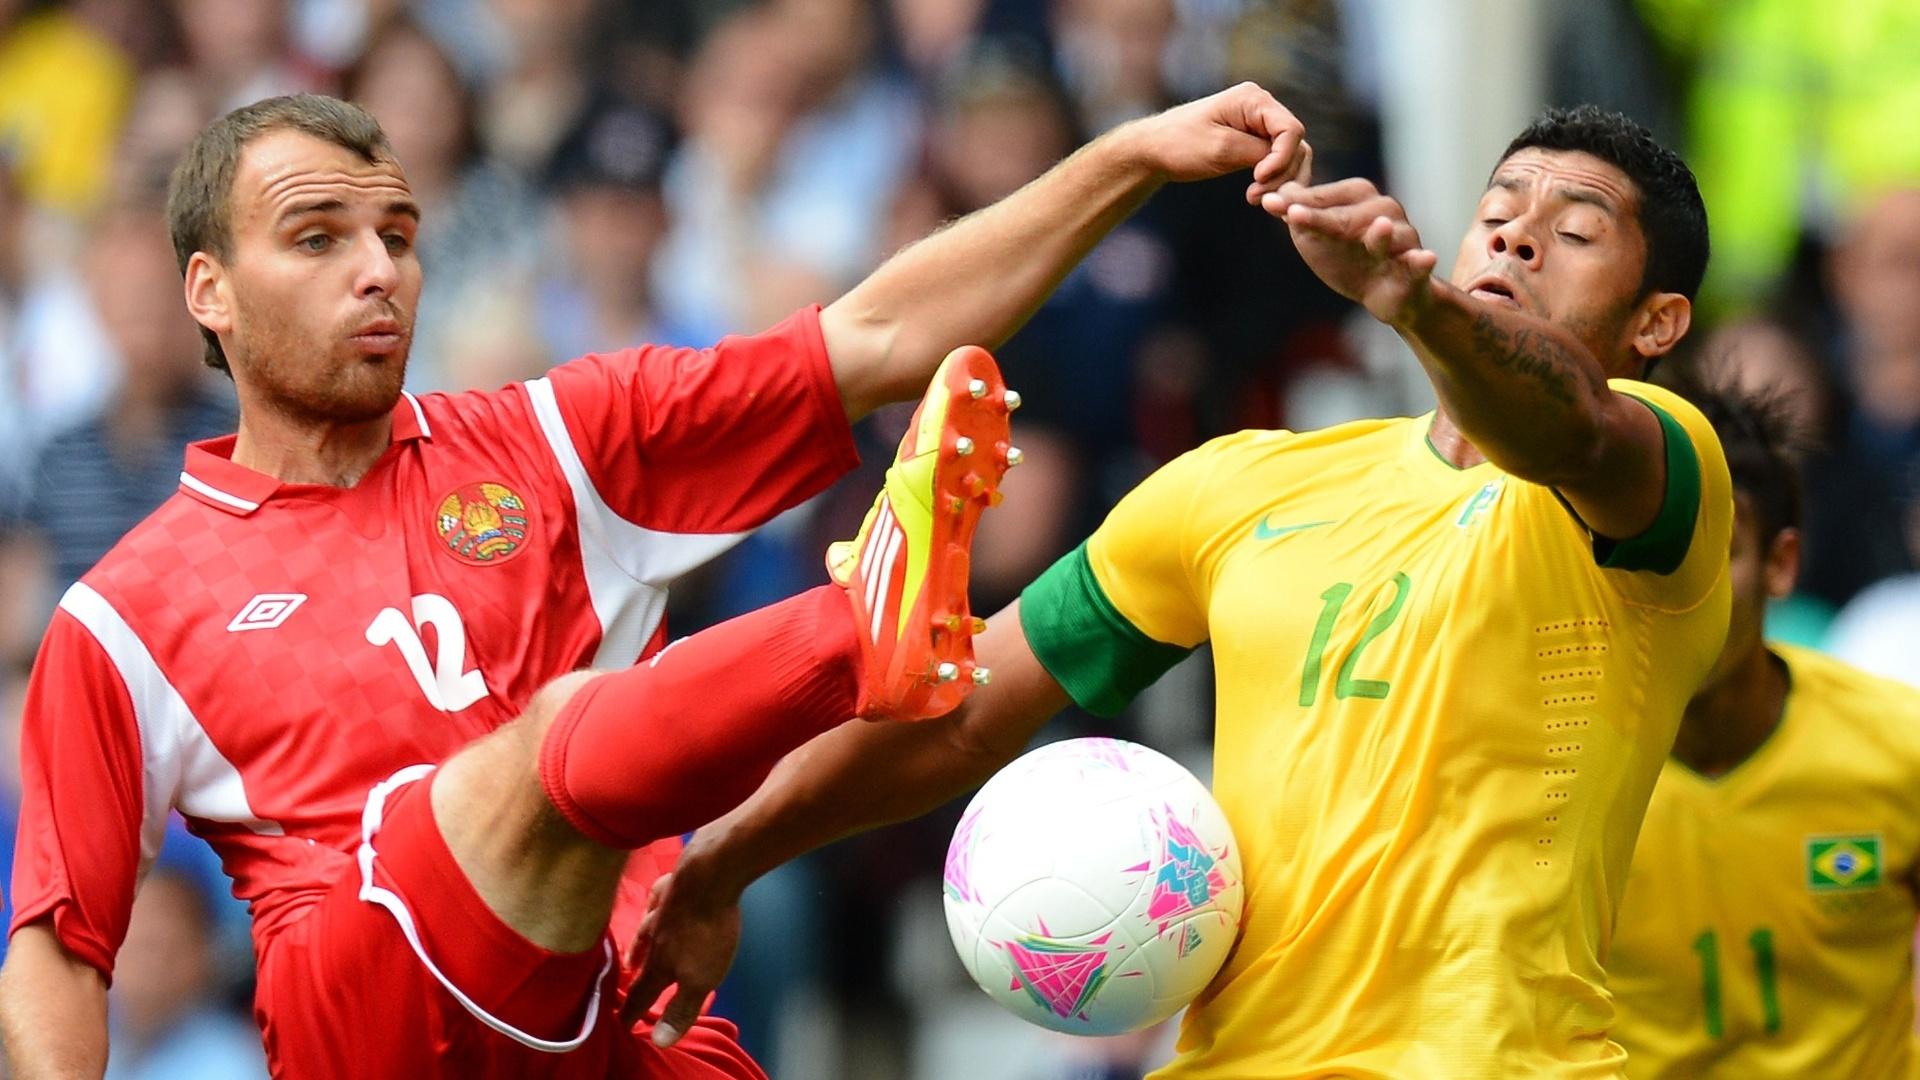 Atacante Hulk tenta passar pela marcação de Belarus no segundo jogo brasileiro na Olimpíada